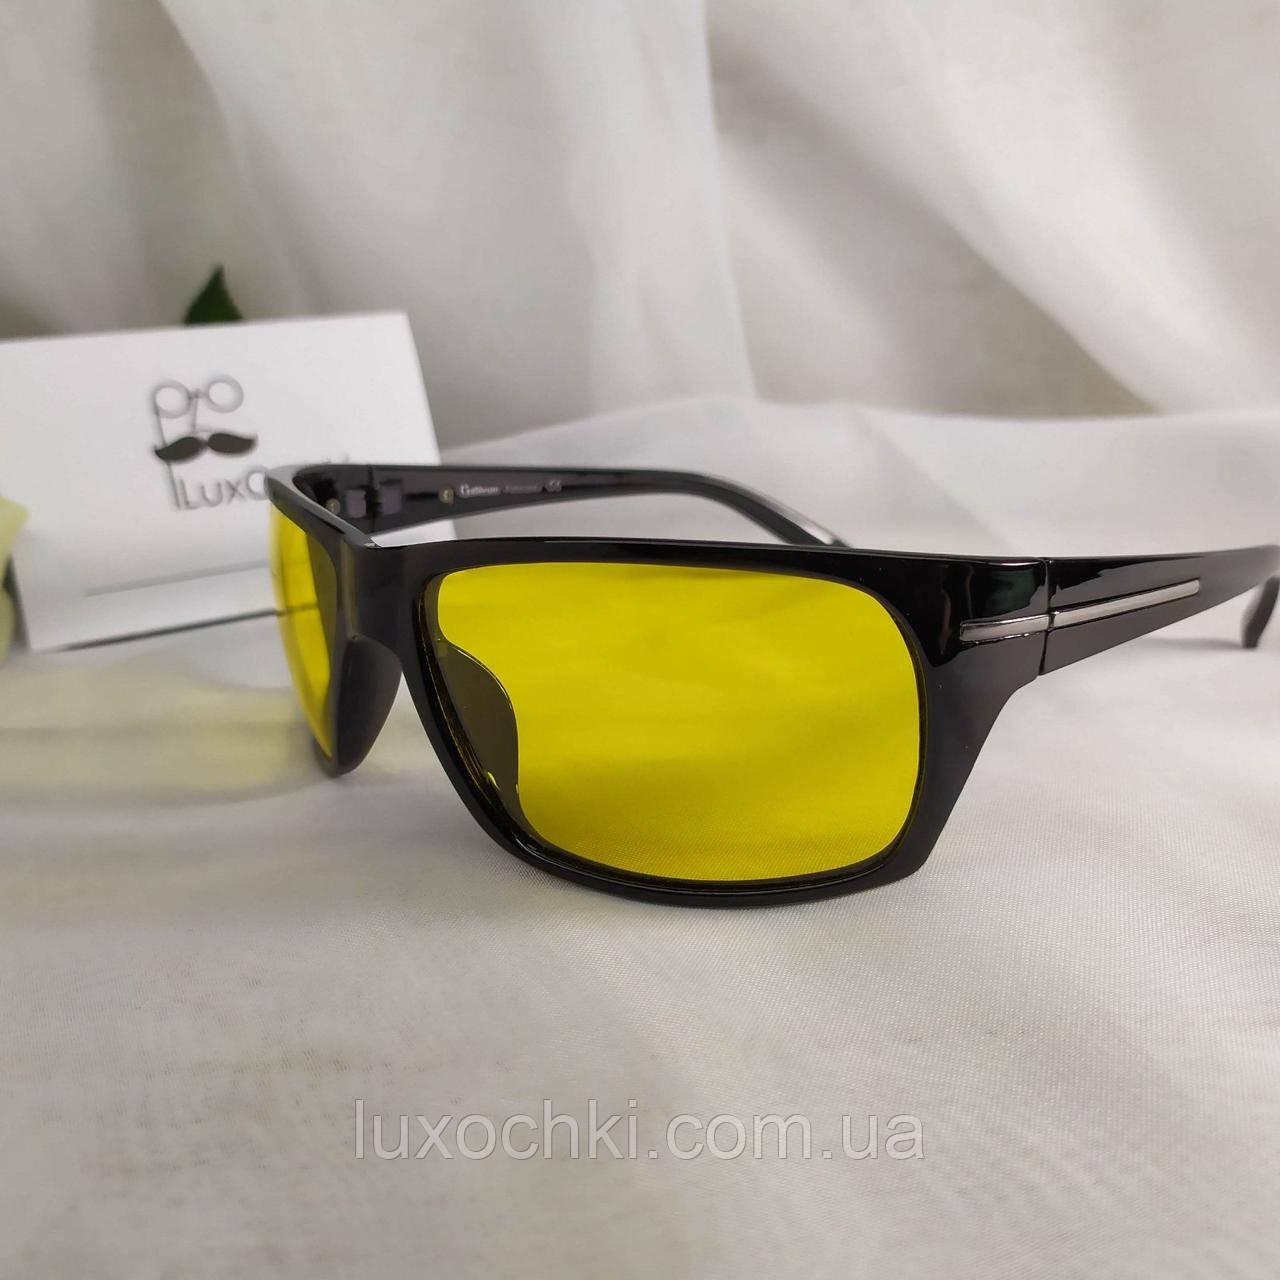 Очки для водителя антифара поляризованные с желтой линзой